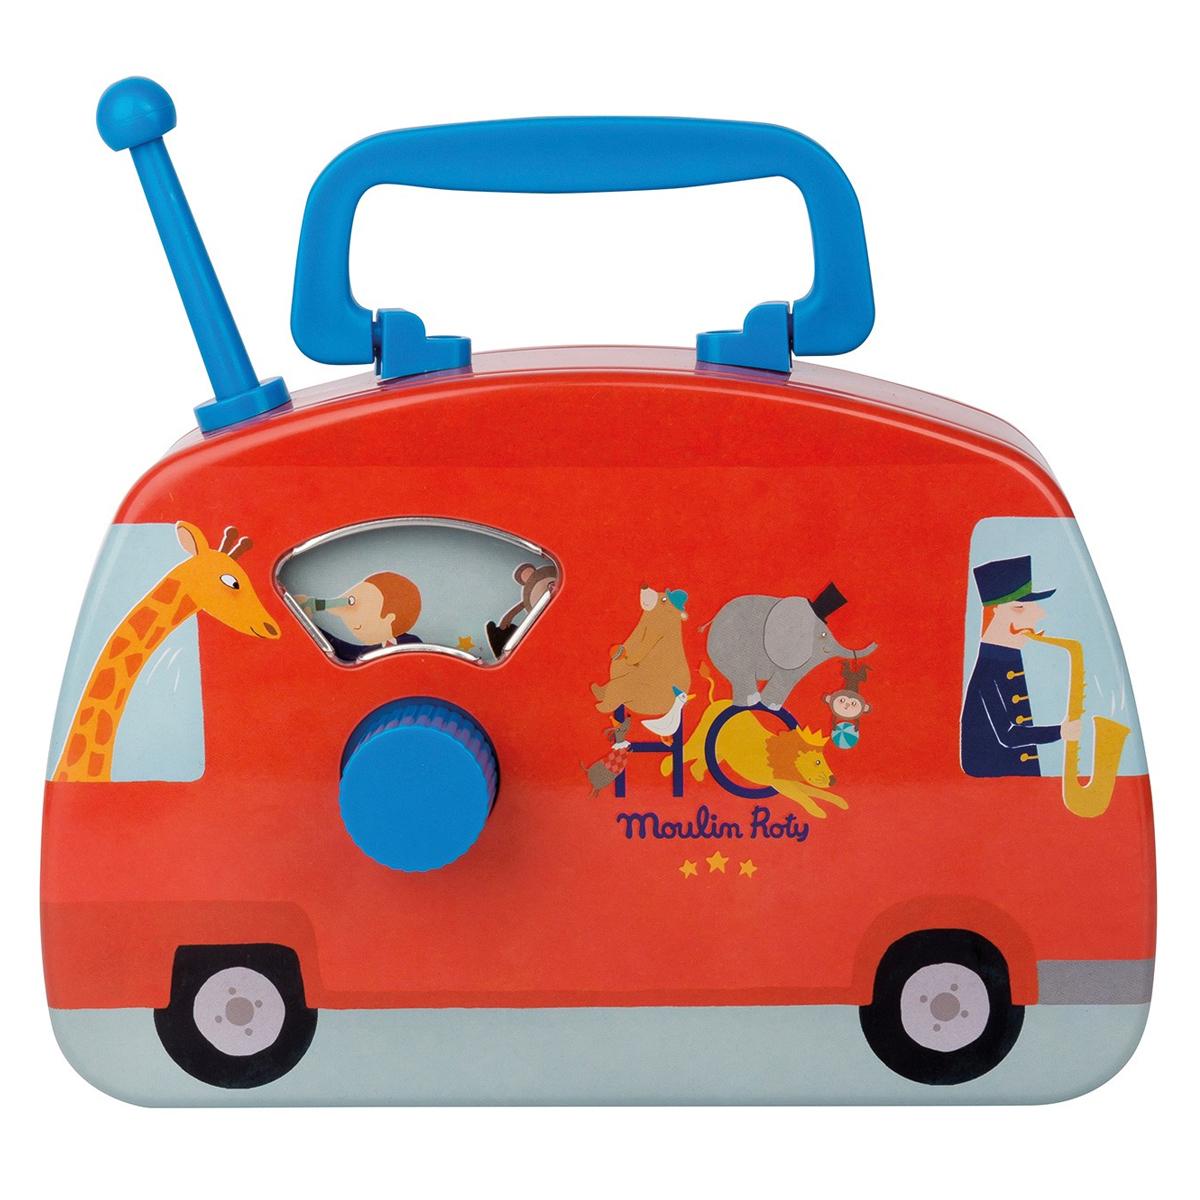 Mes premiers jouets Bus Musical Cirque - Les Jouets en Métal Bus Musical Cirque - Les Jouets en Métal